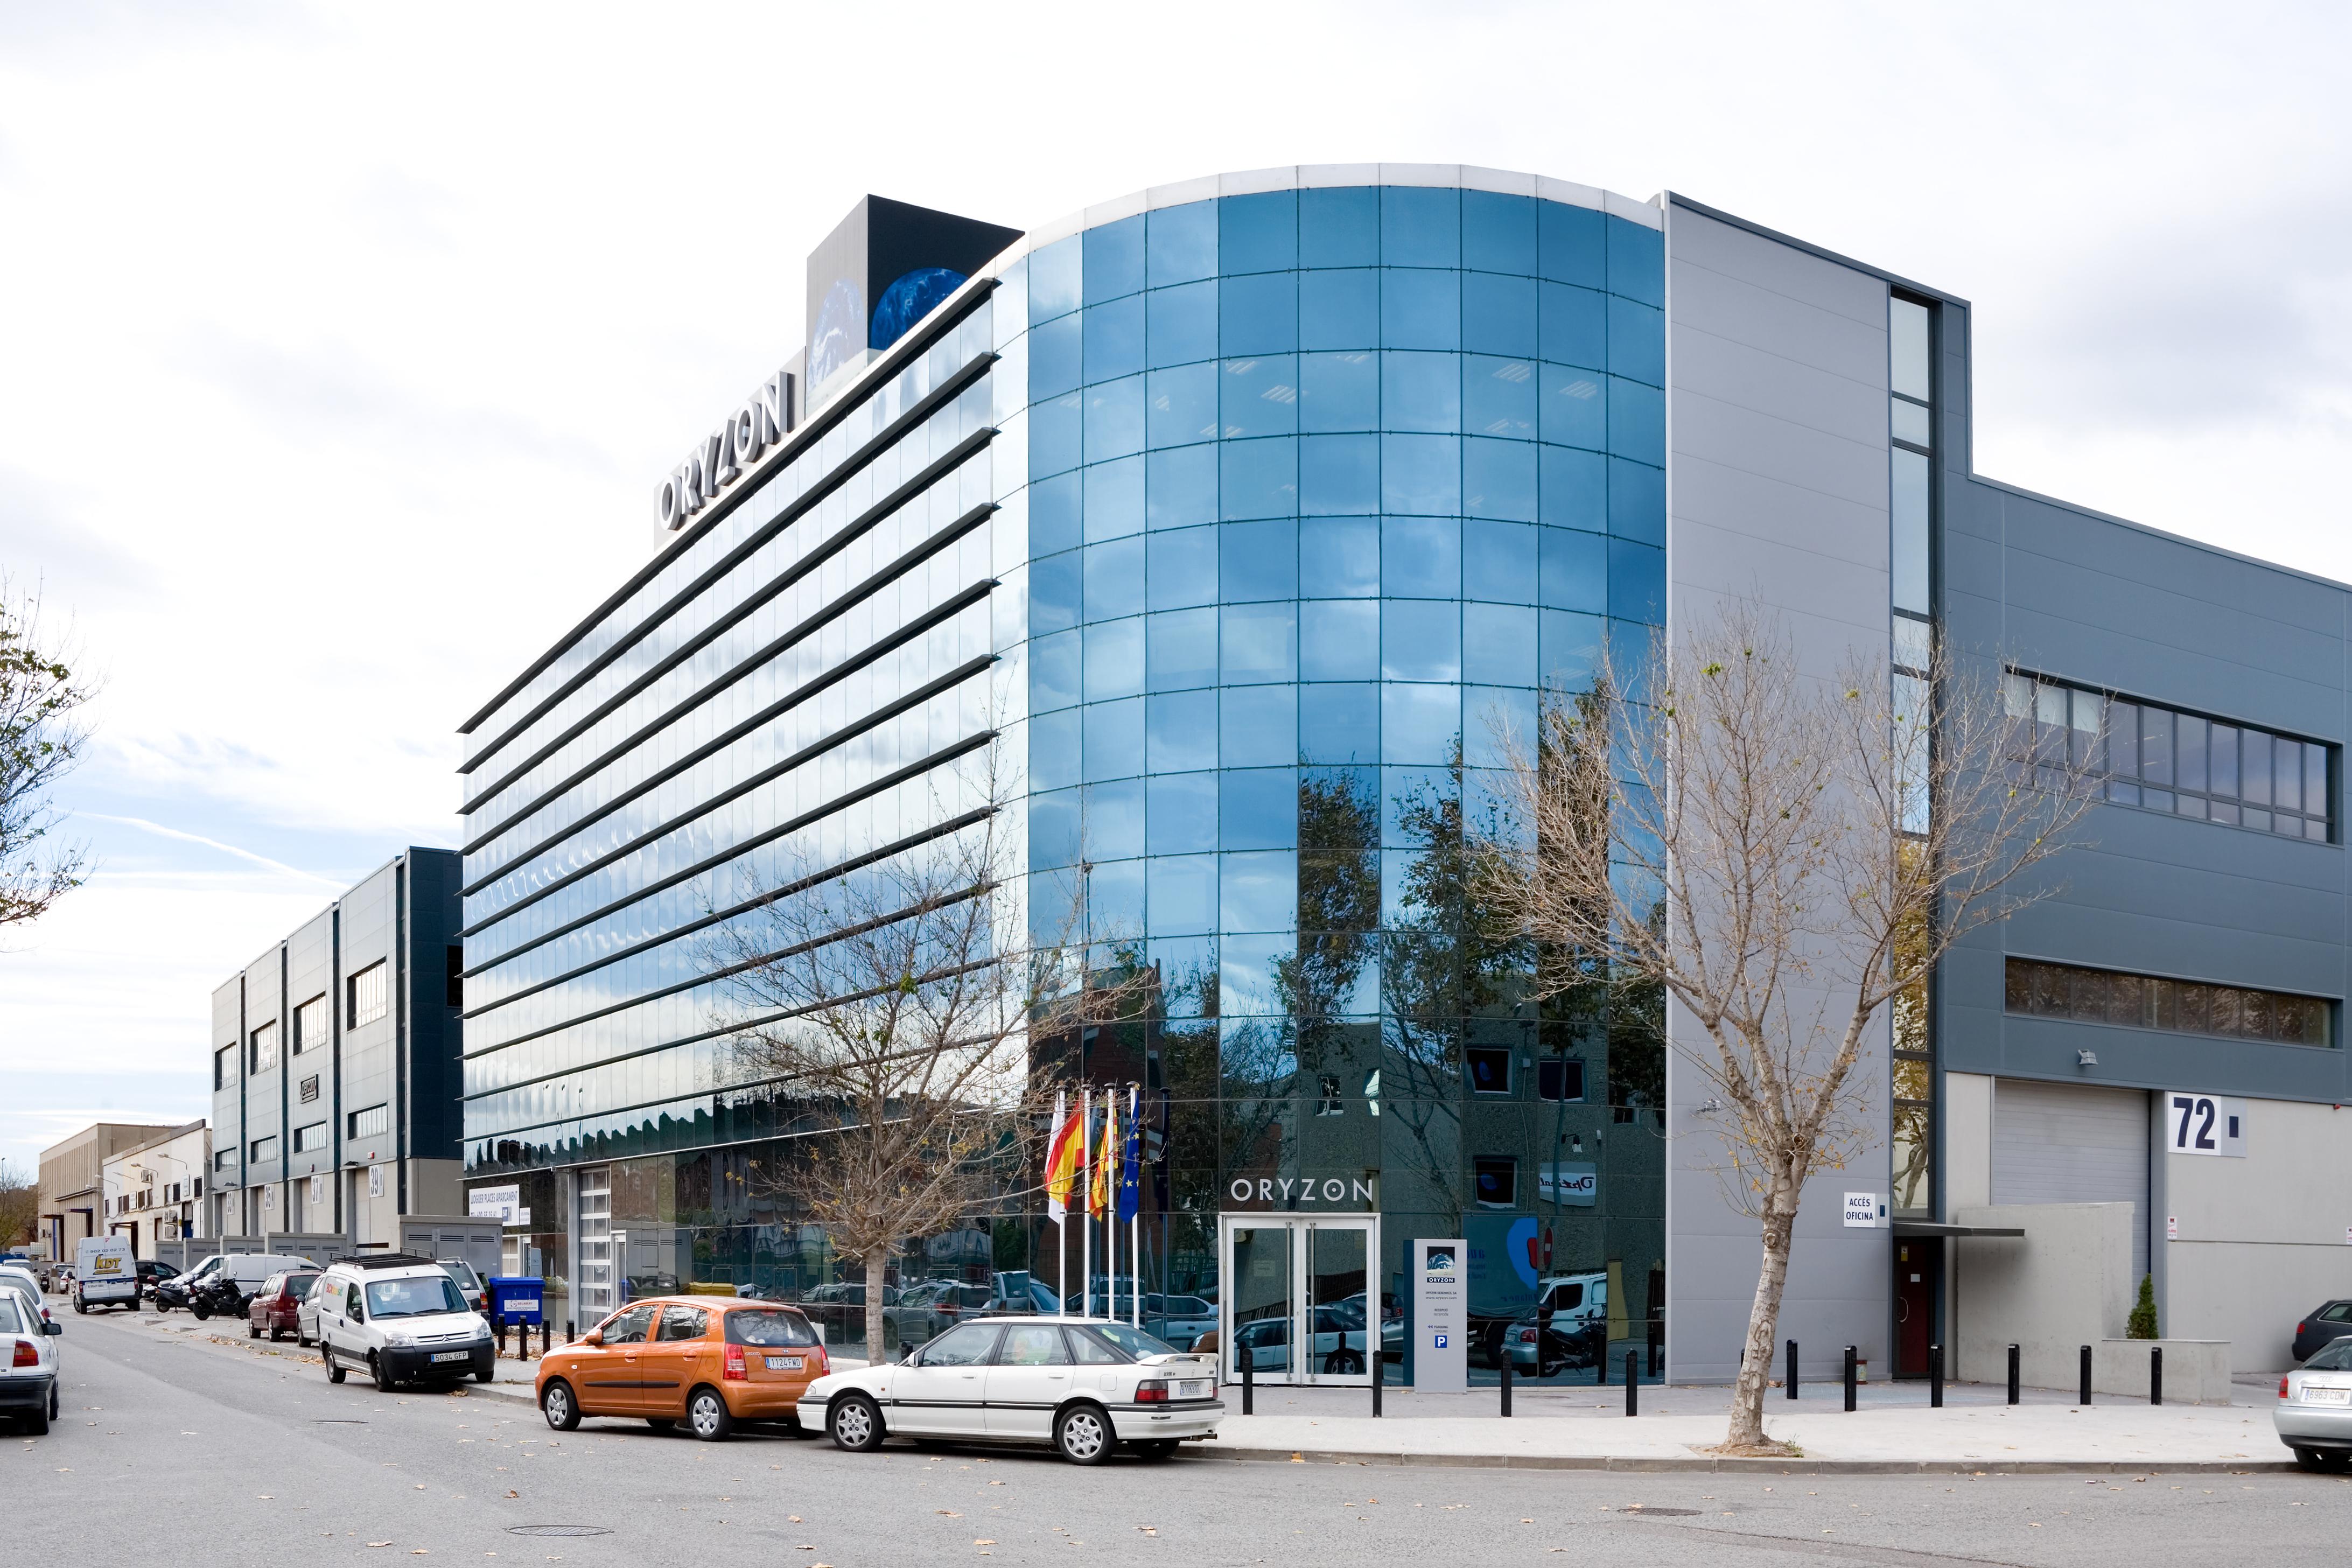 Oryzon genomics capta 16 5 millones de euros y se prepara for Oficina correos cornella